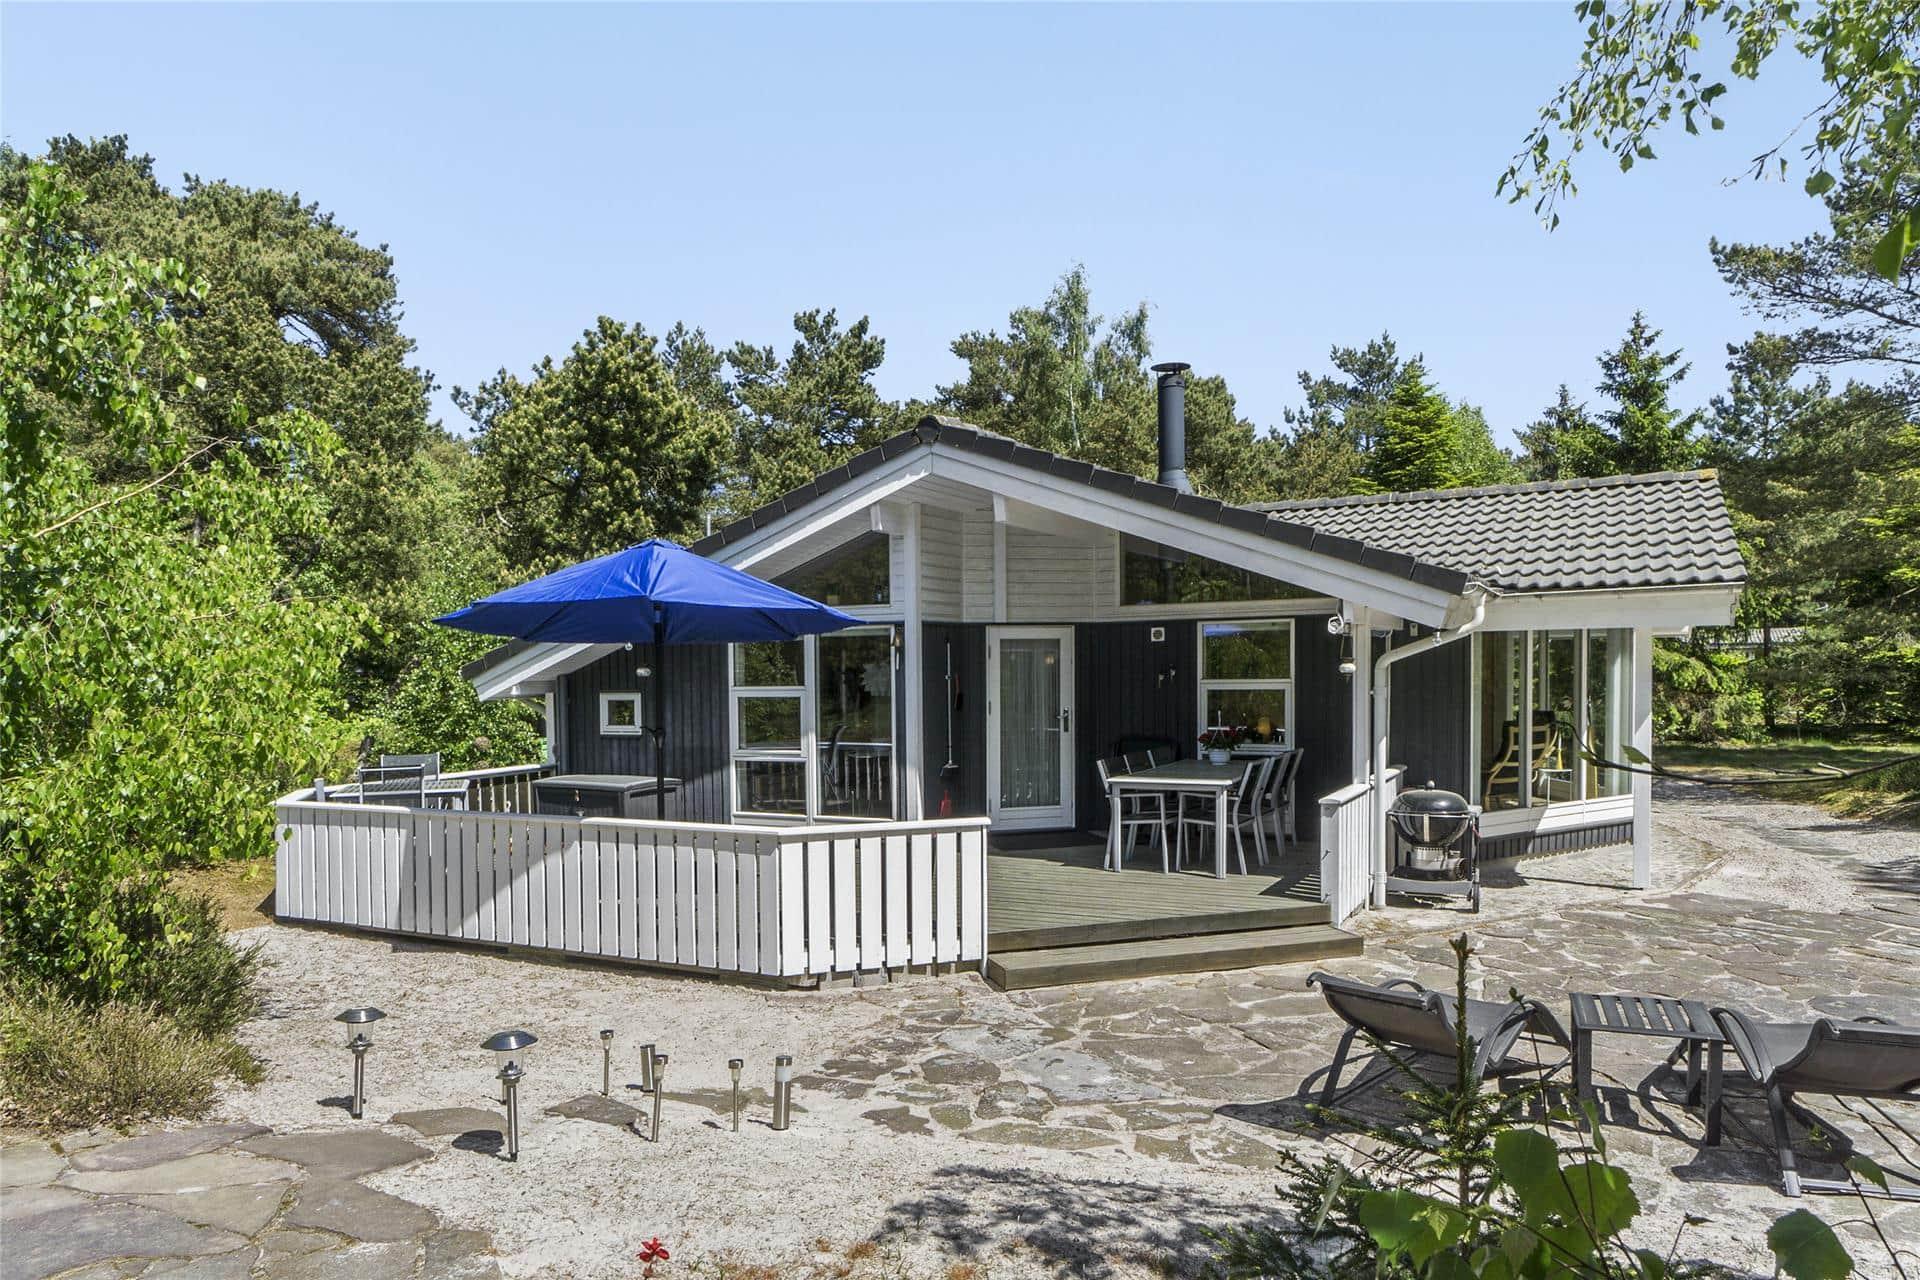 Billede 1-10 Sommerhus 3634, Hoddavej 4, DK - 3730 Nexø